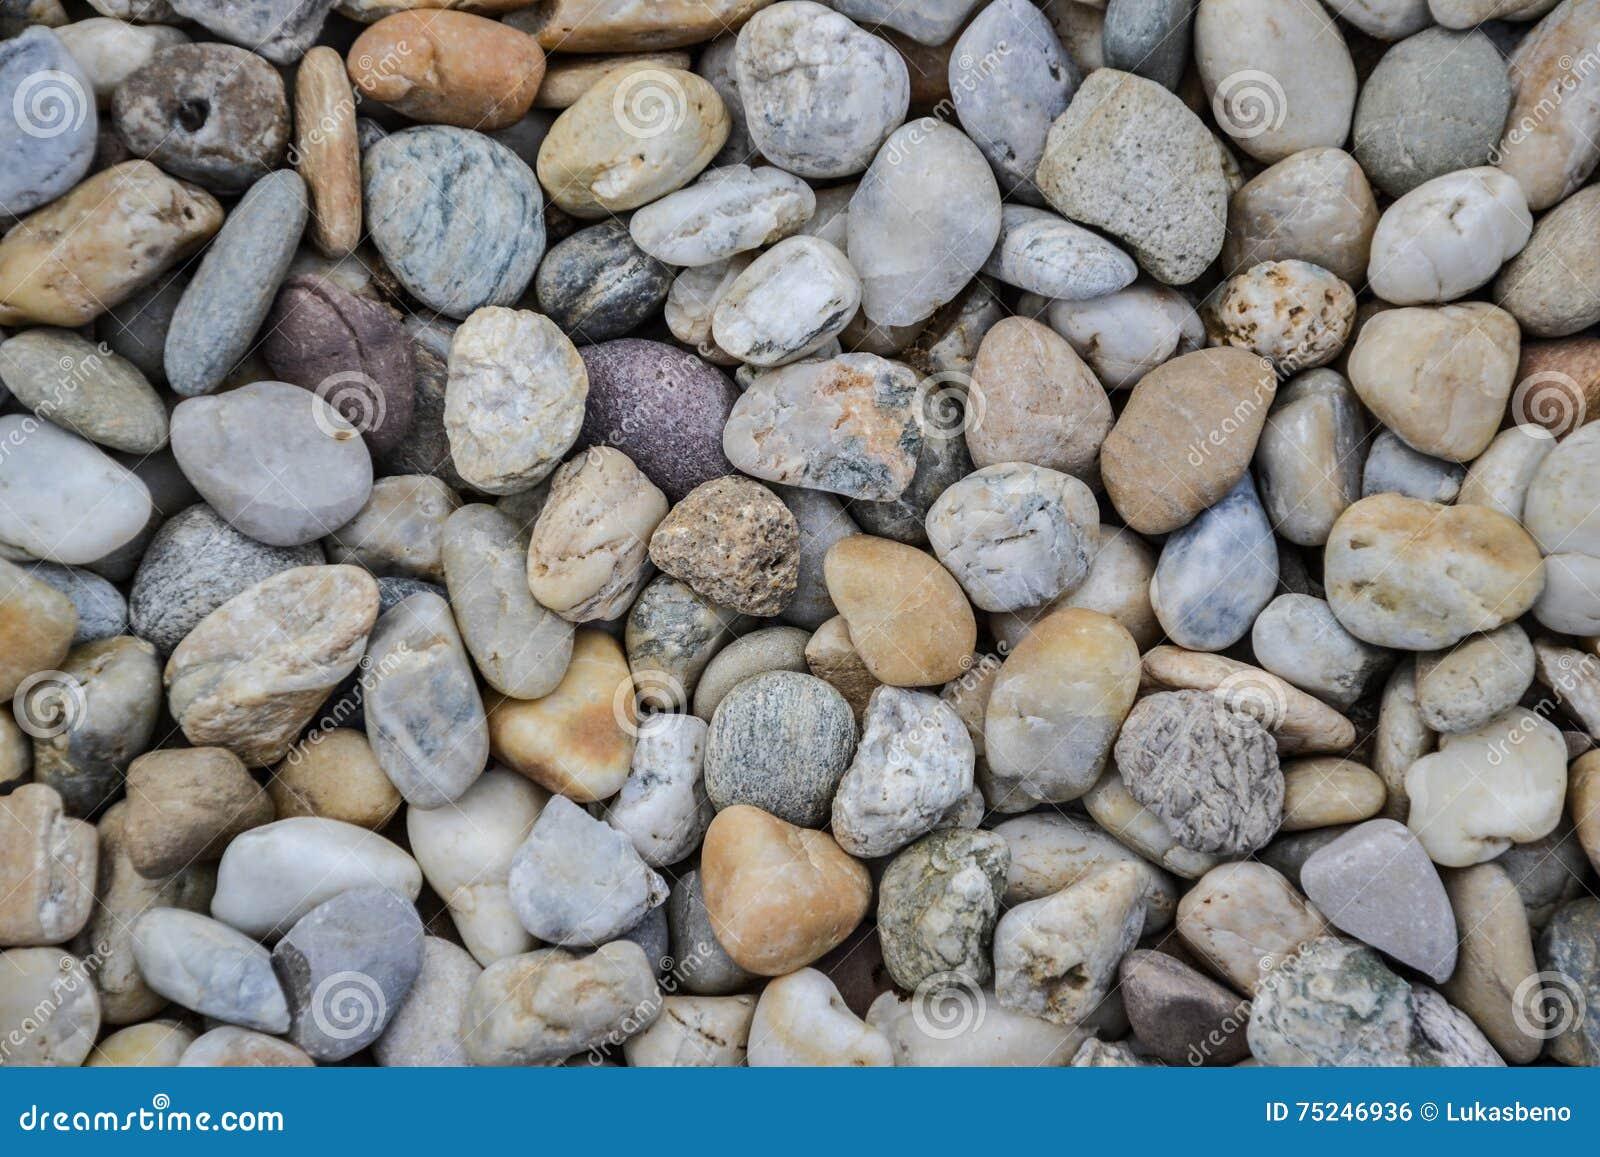 peque a textura de la grava de las piedras naturalmente